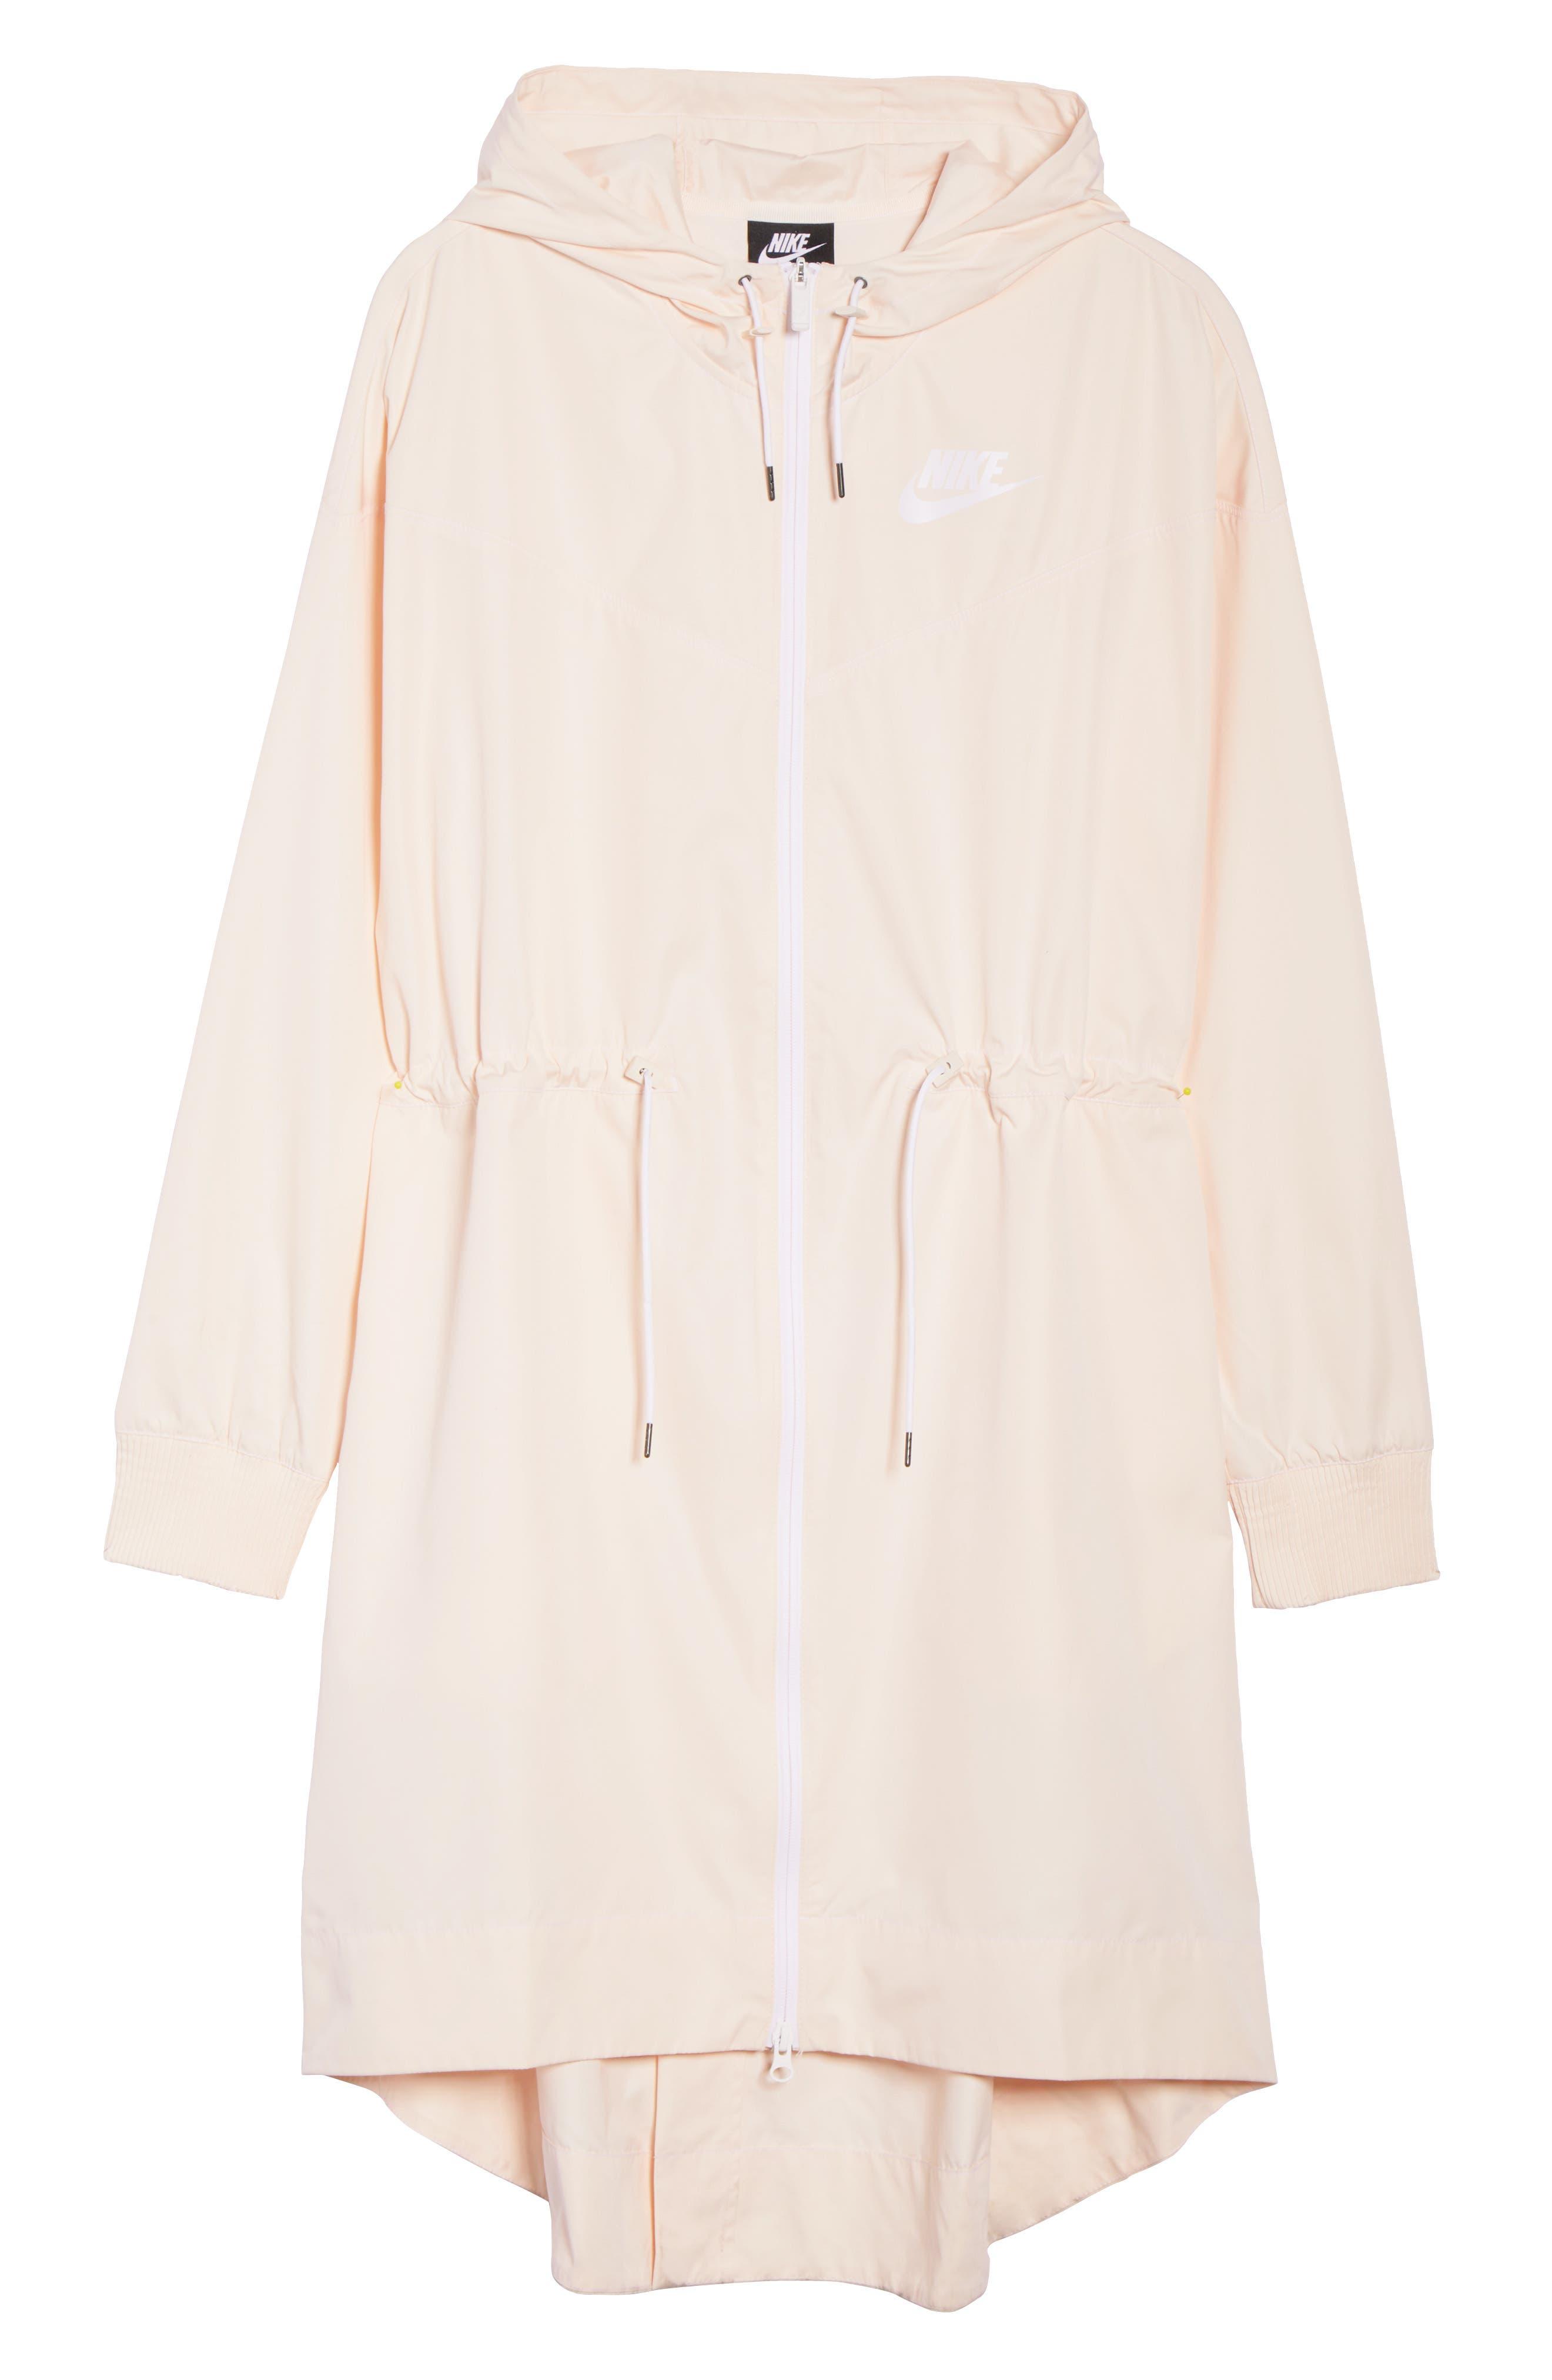 Sportswear Windrunner Jacket,                             Alternate thumbnail 8, color,                             650